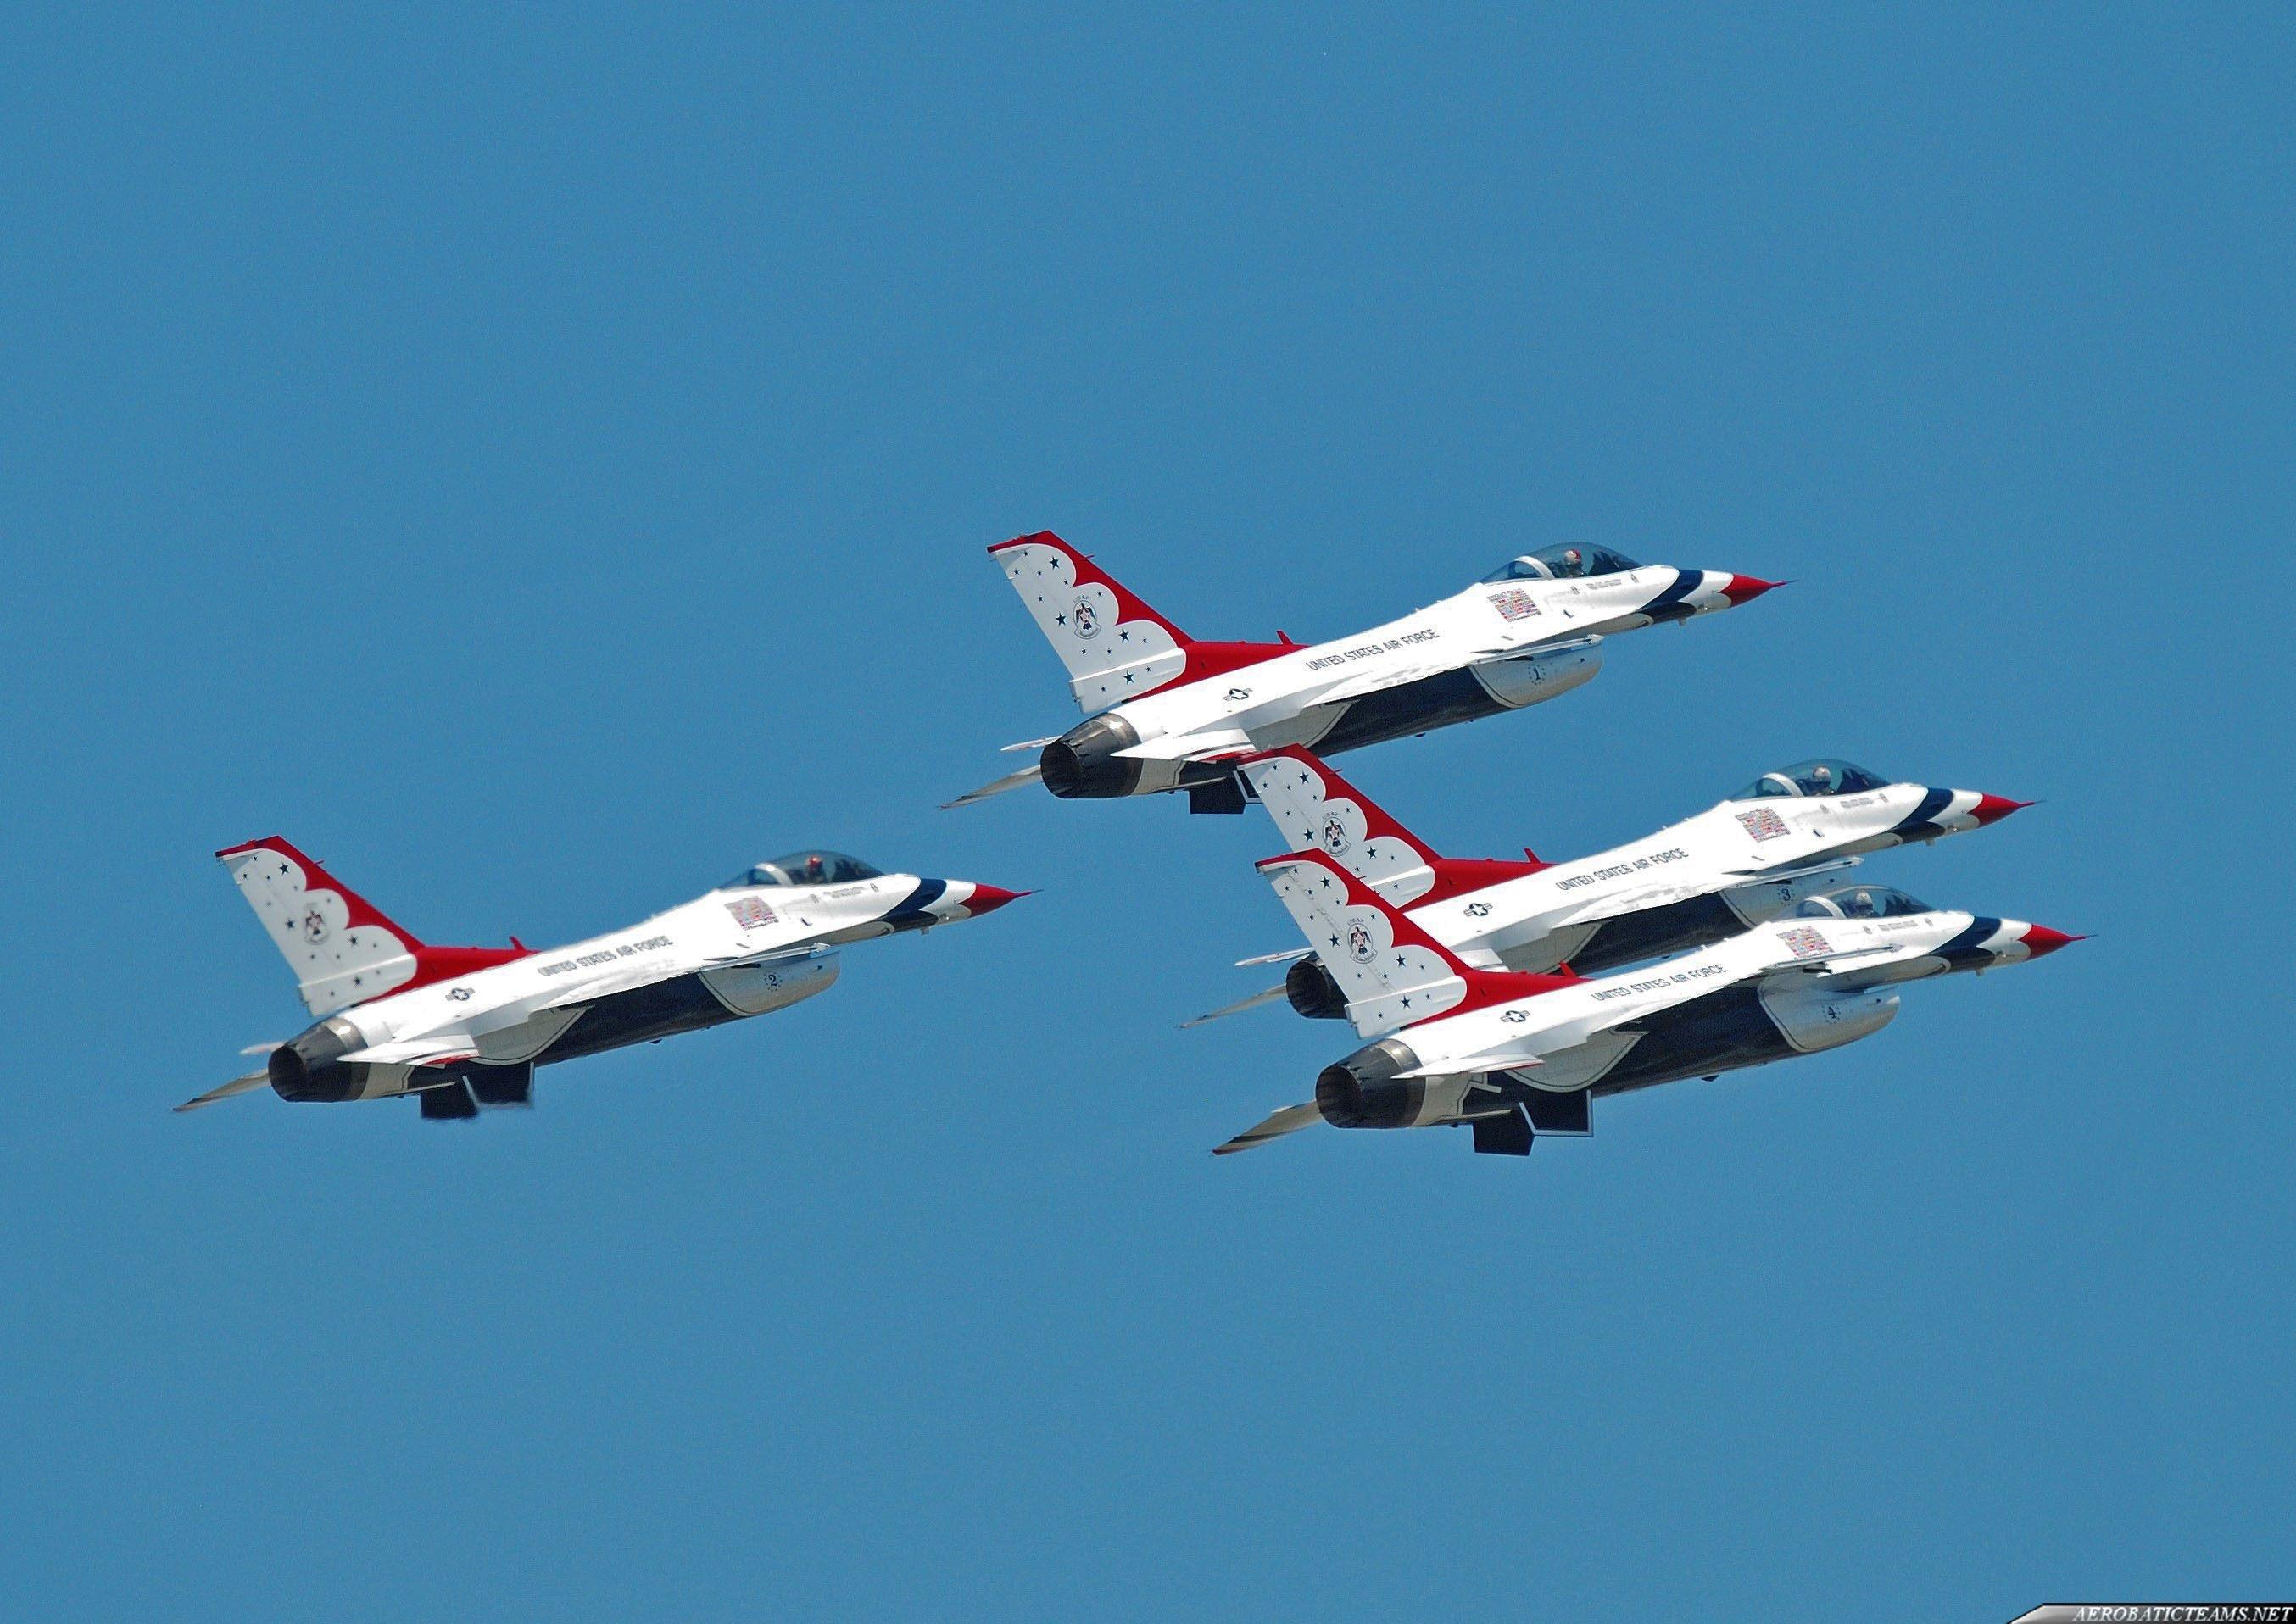 Thunderbirds F-16 from 1983